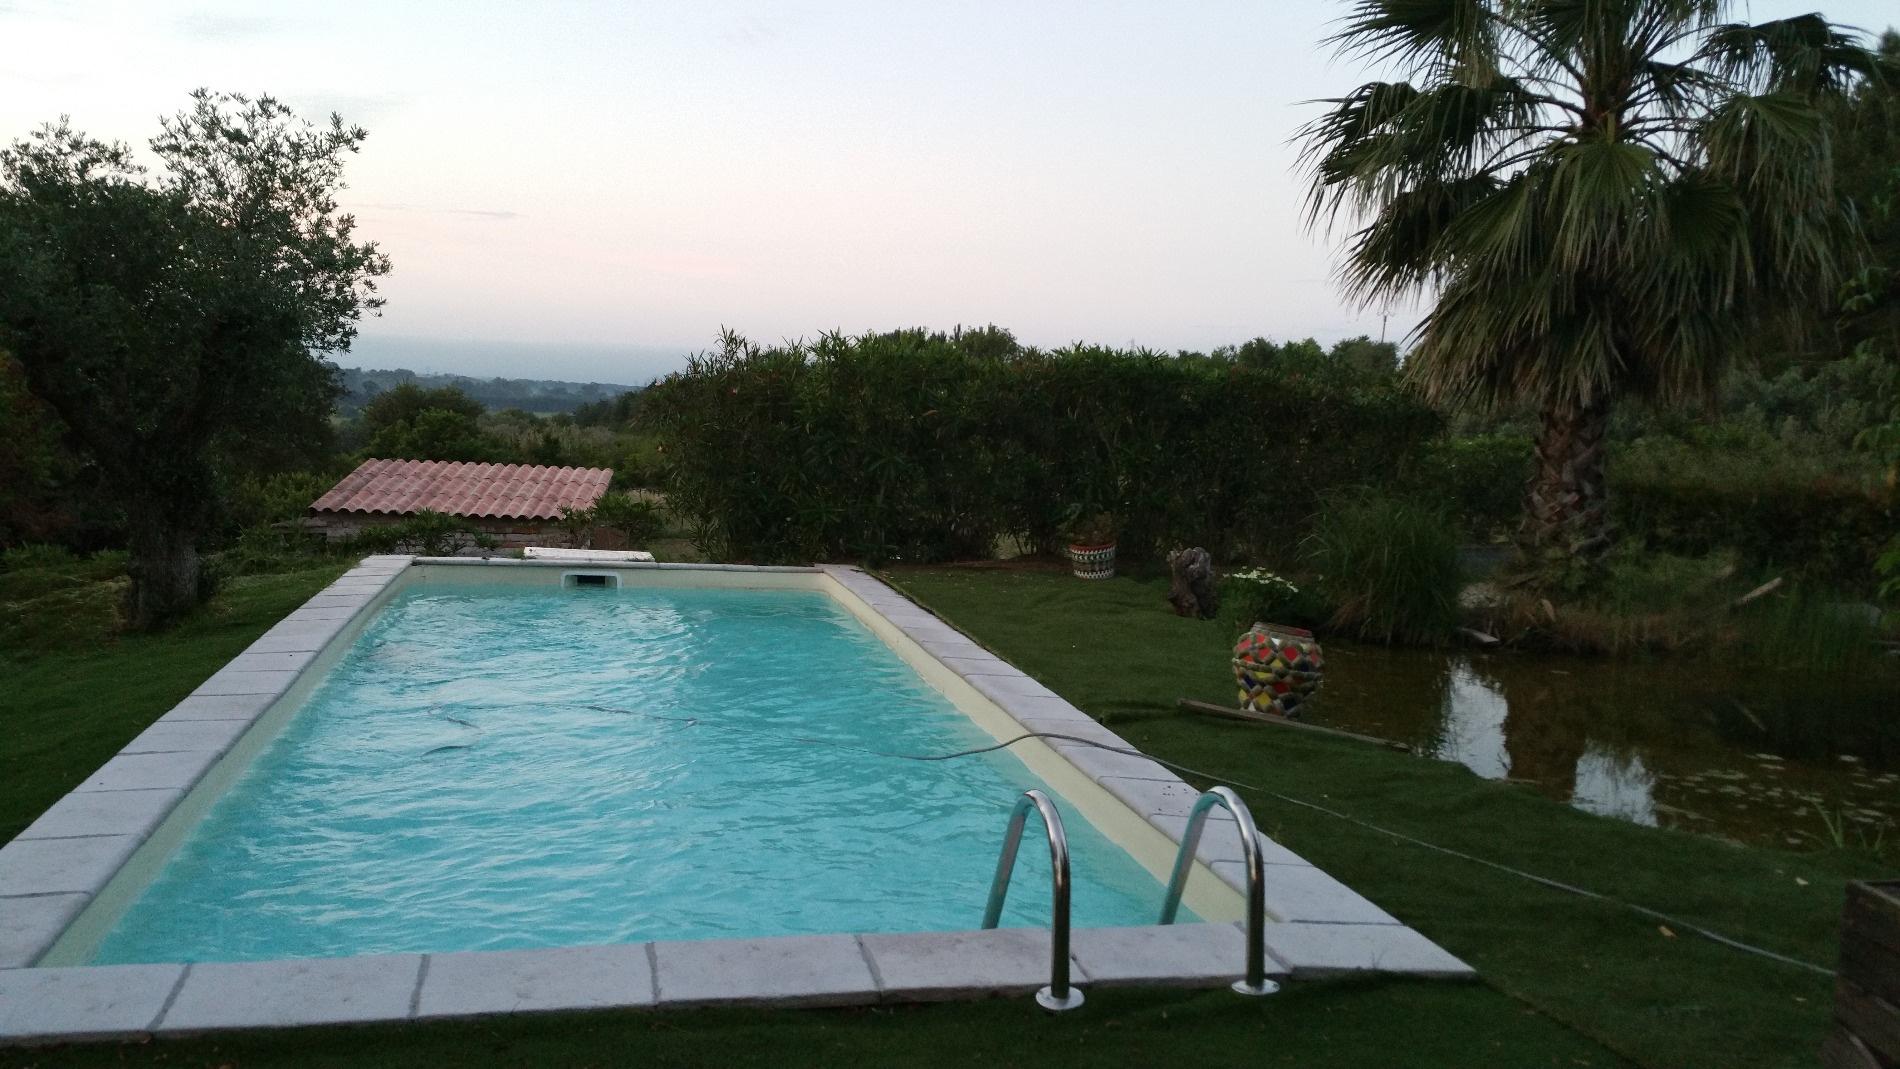 Vente pezenas batisse atypique avec piscine bassin naturel spa 3 suites parentales - Pezenas piscine ...